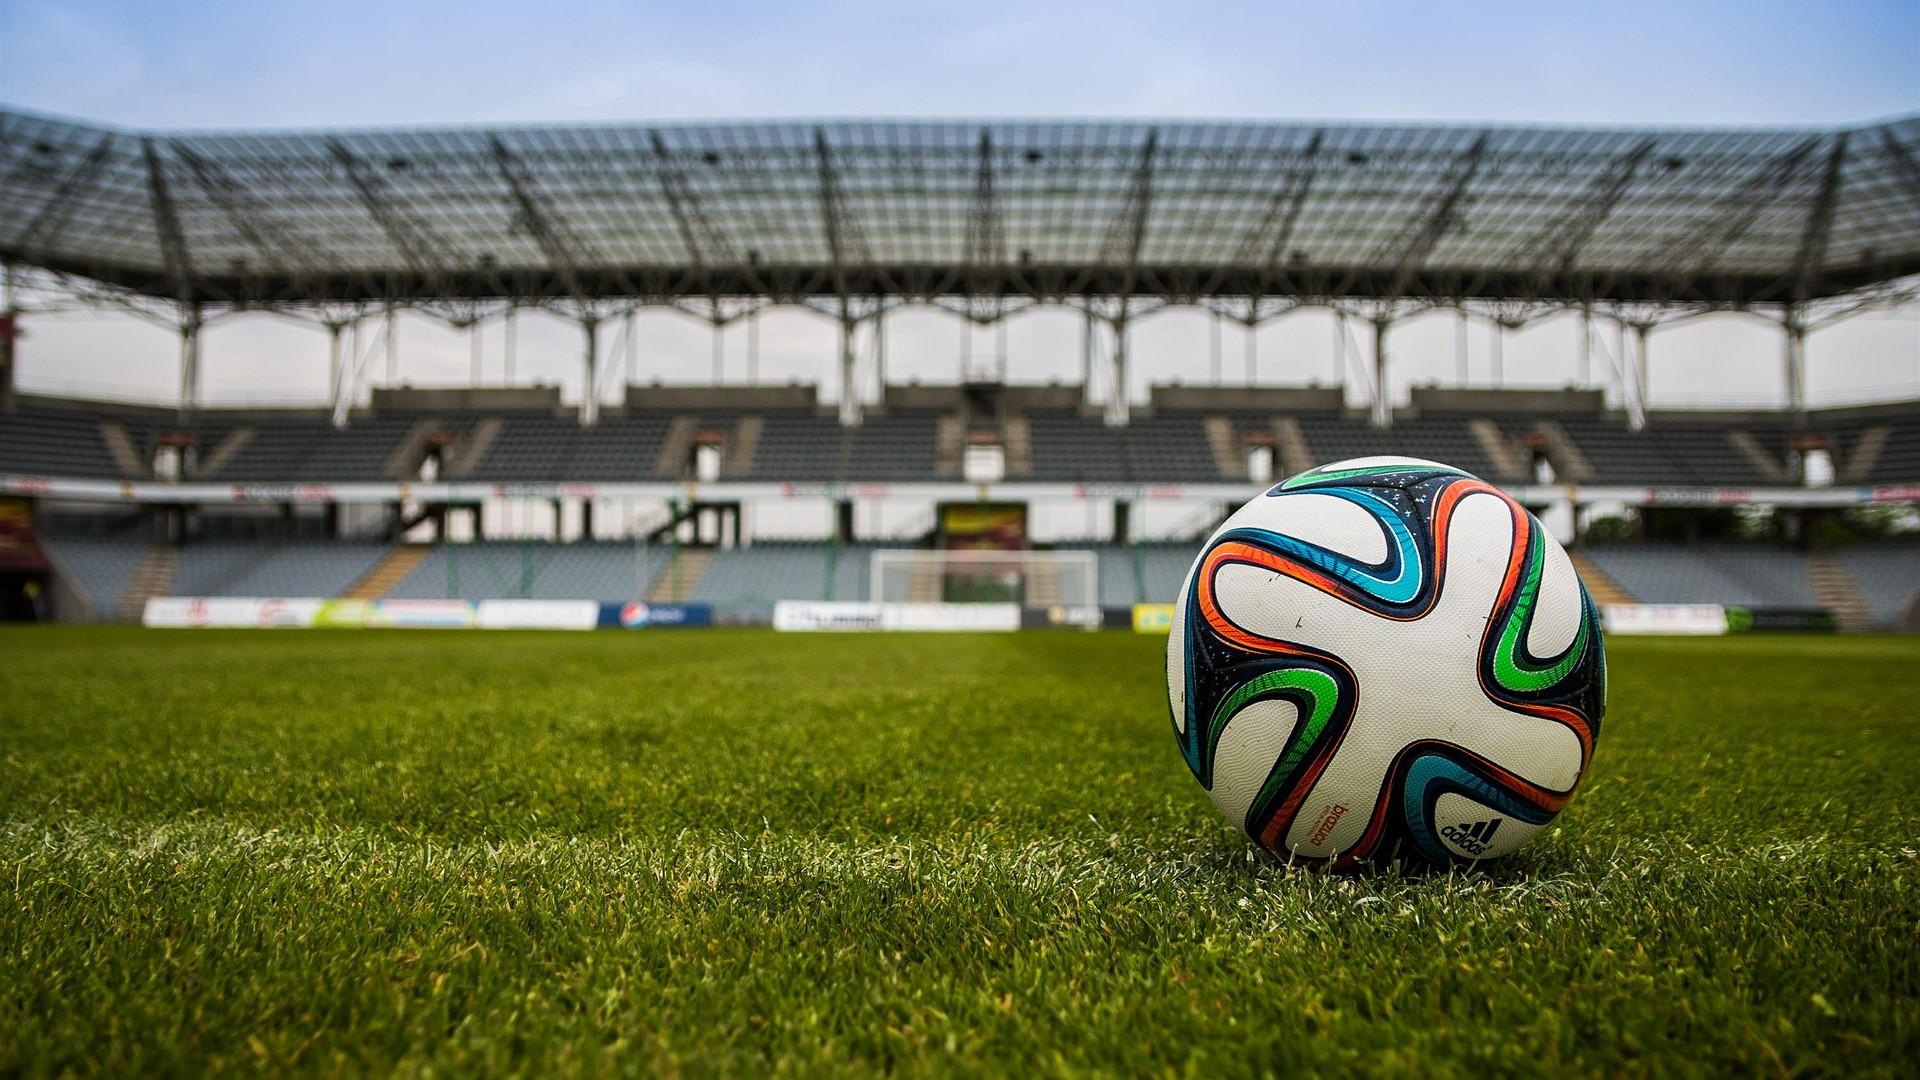 Football : ne rien rater de l'actualité et des résultats des matchs